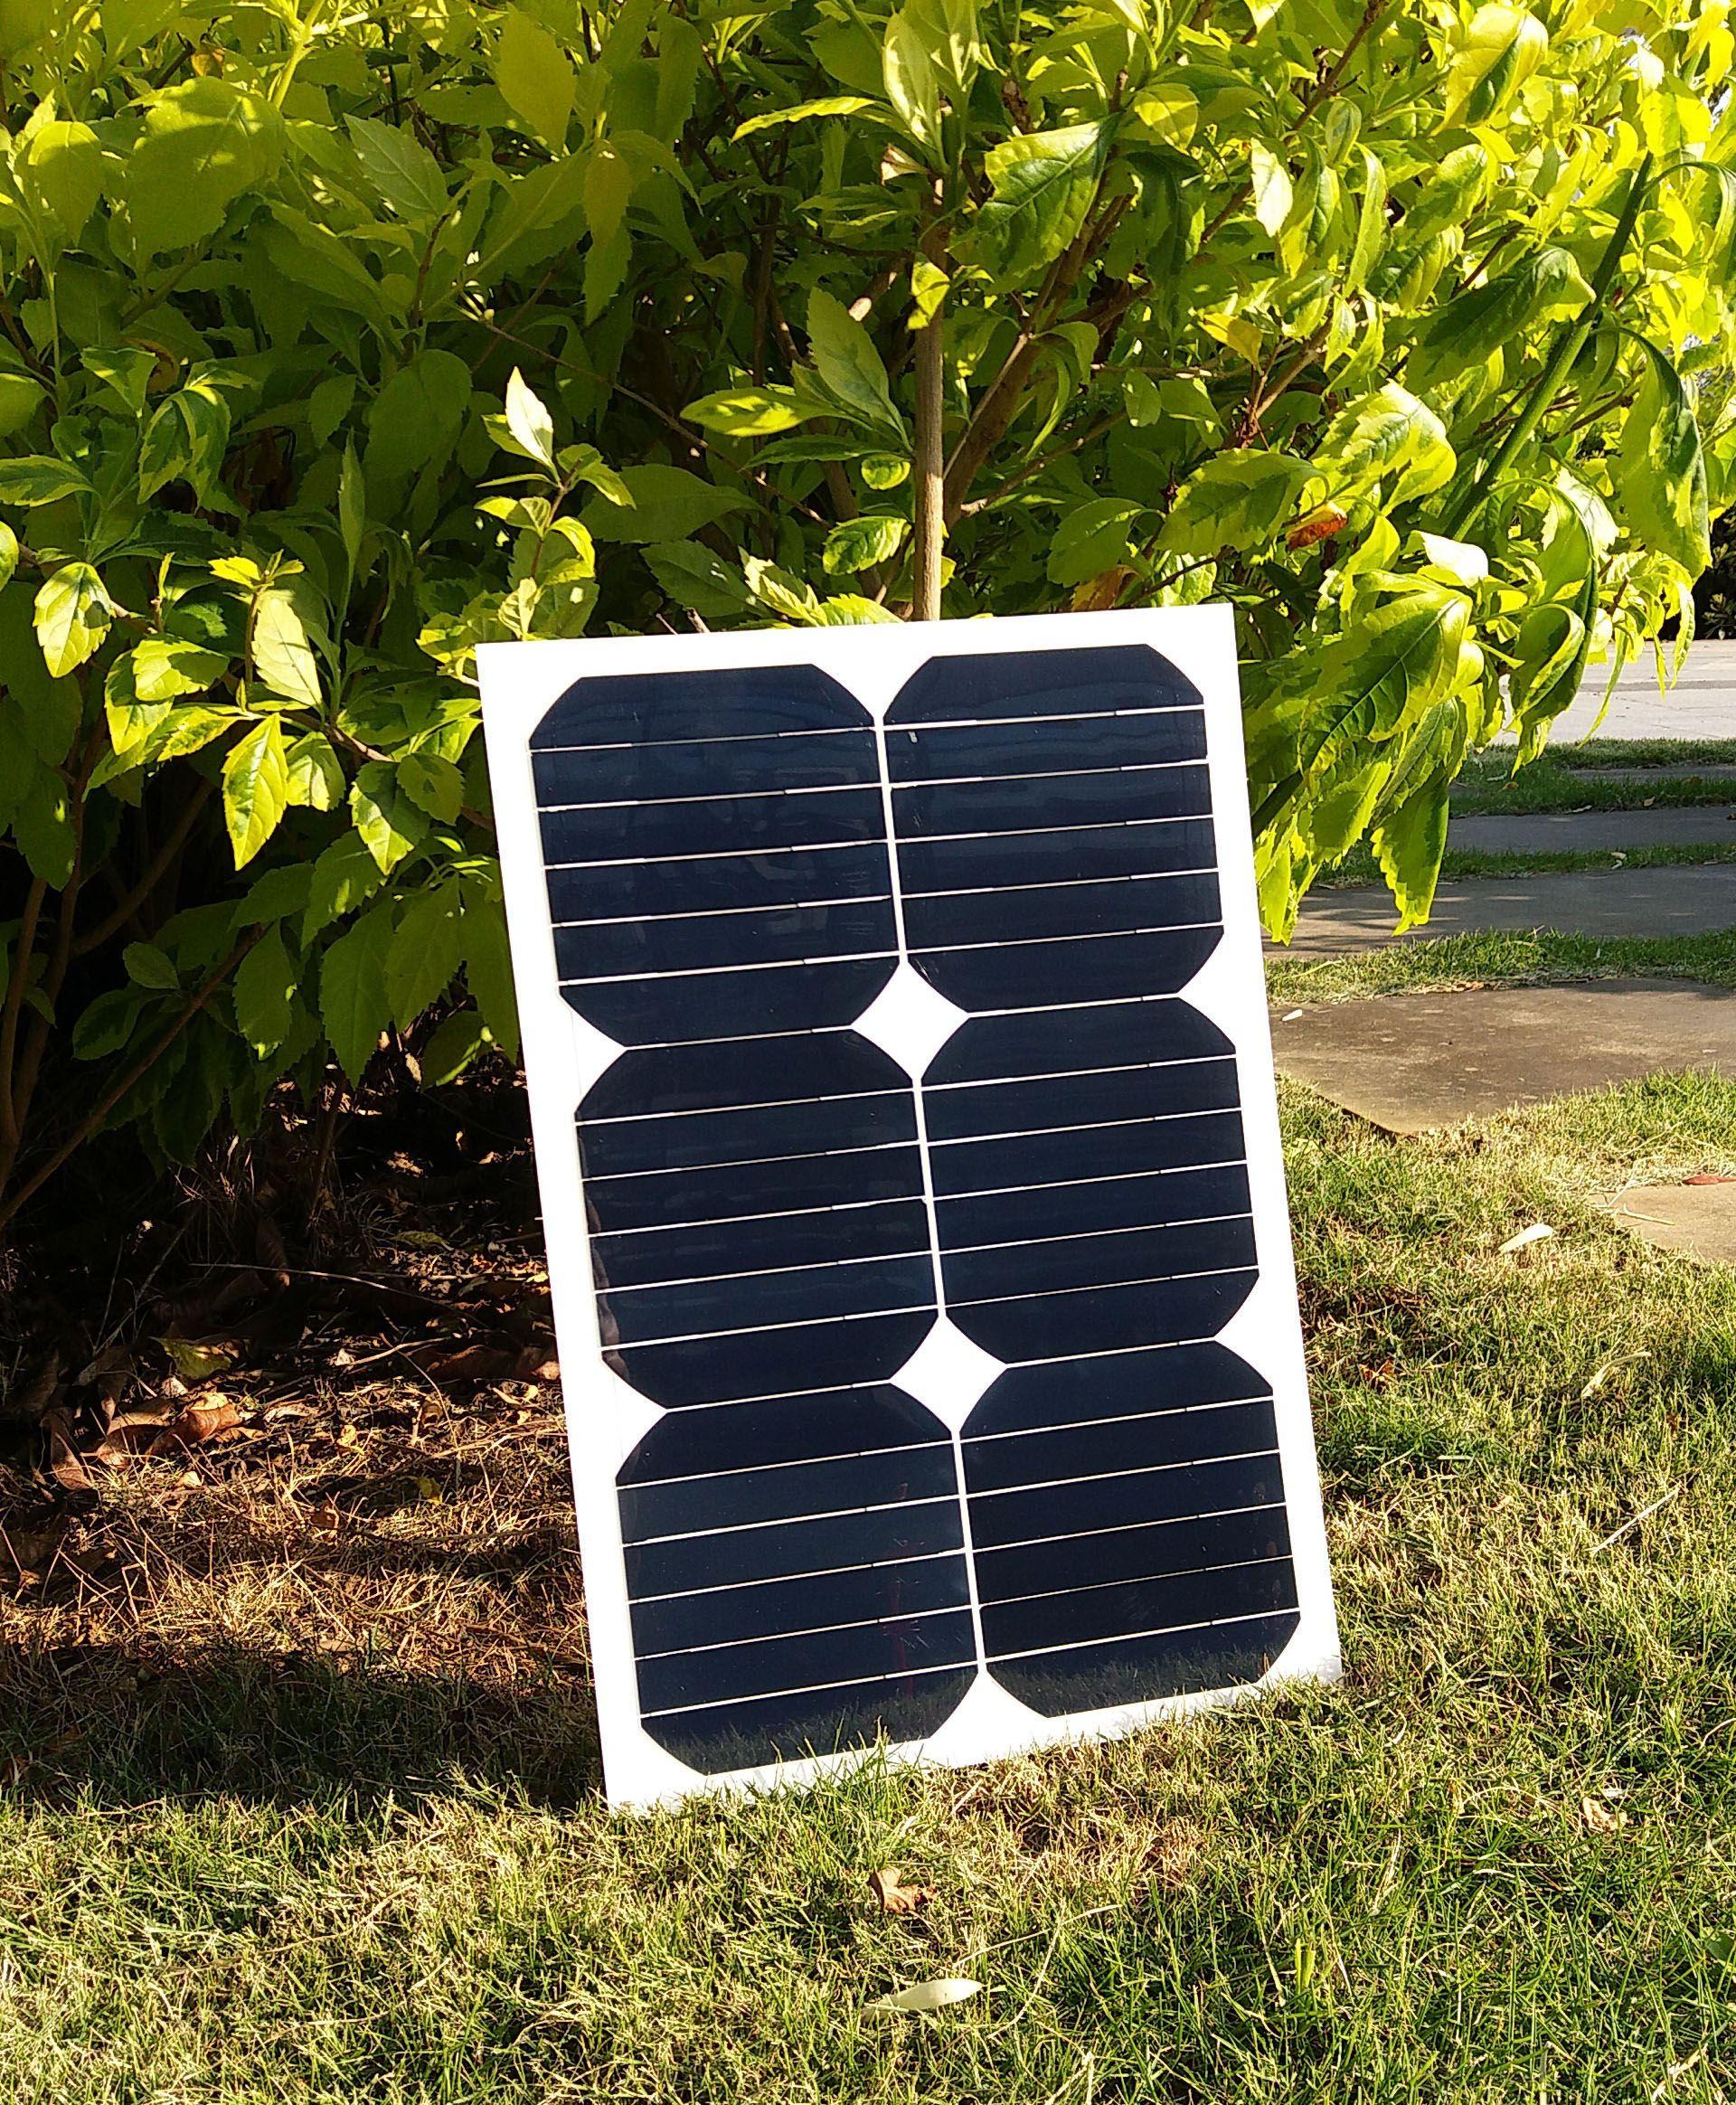 rBVaJFlOGvSAUtLCABaumE3WoJk630 Top Result 50 Inspirational Portable solar Panels Image 2018 Hdj5